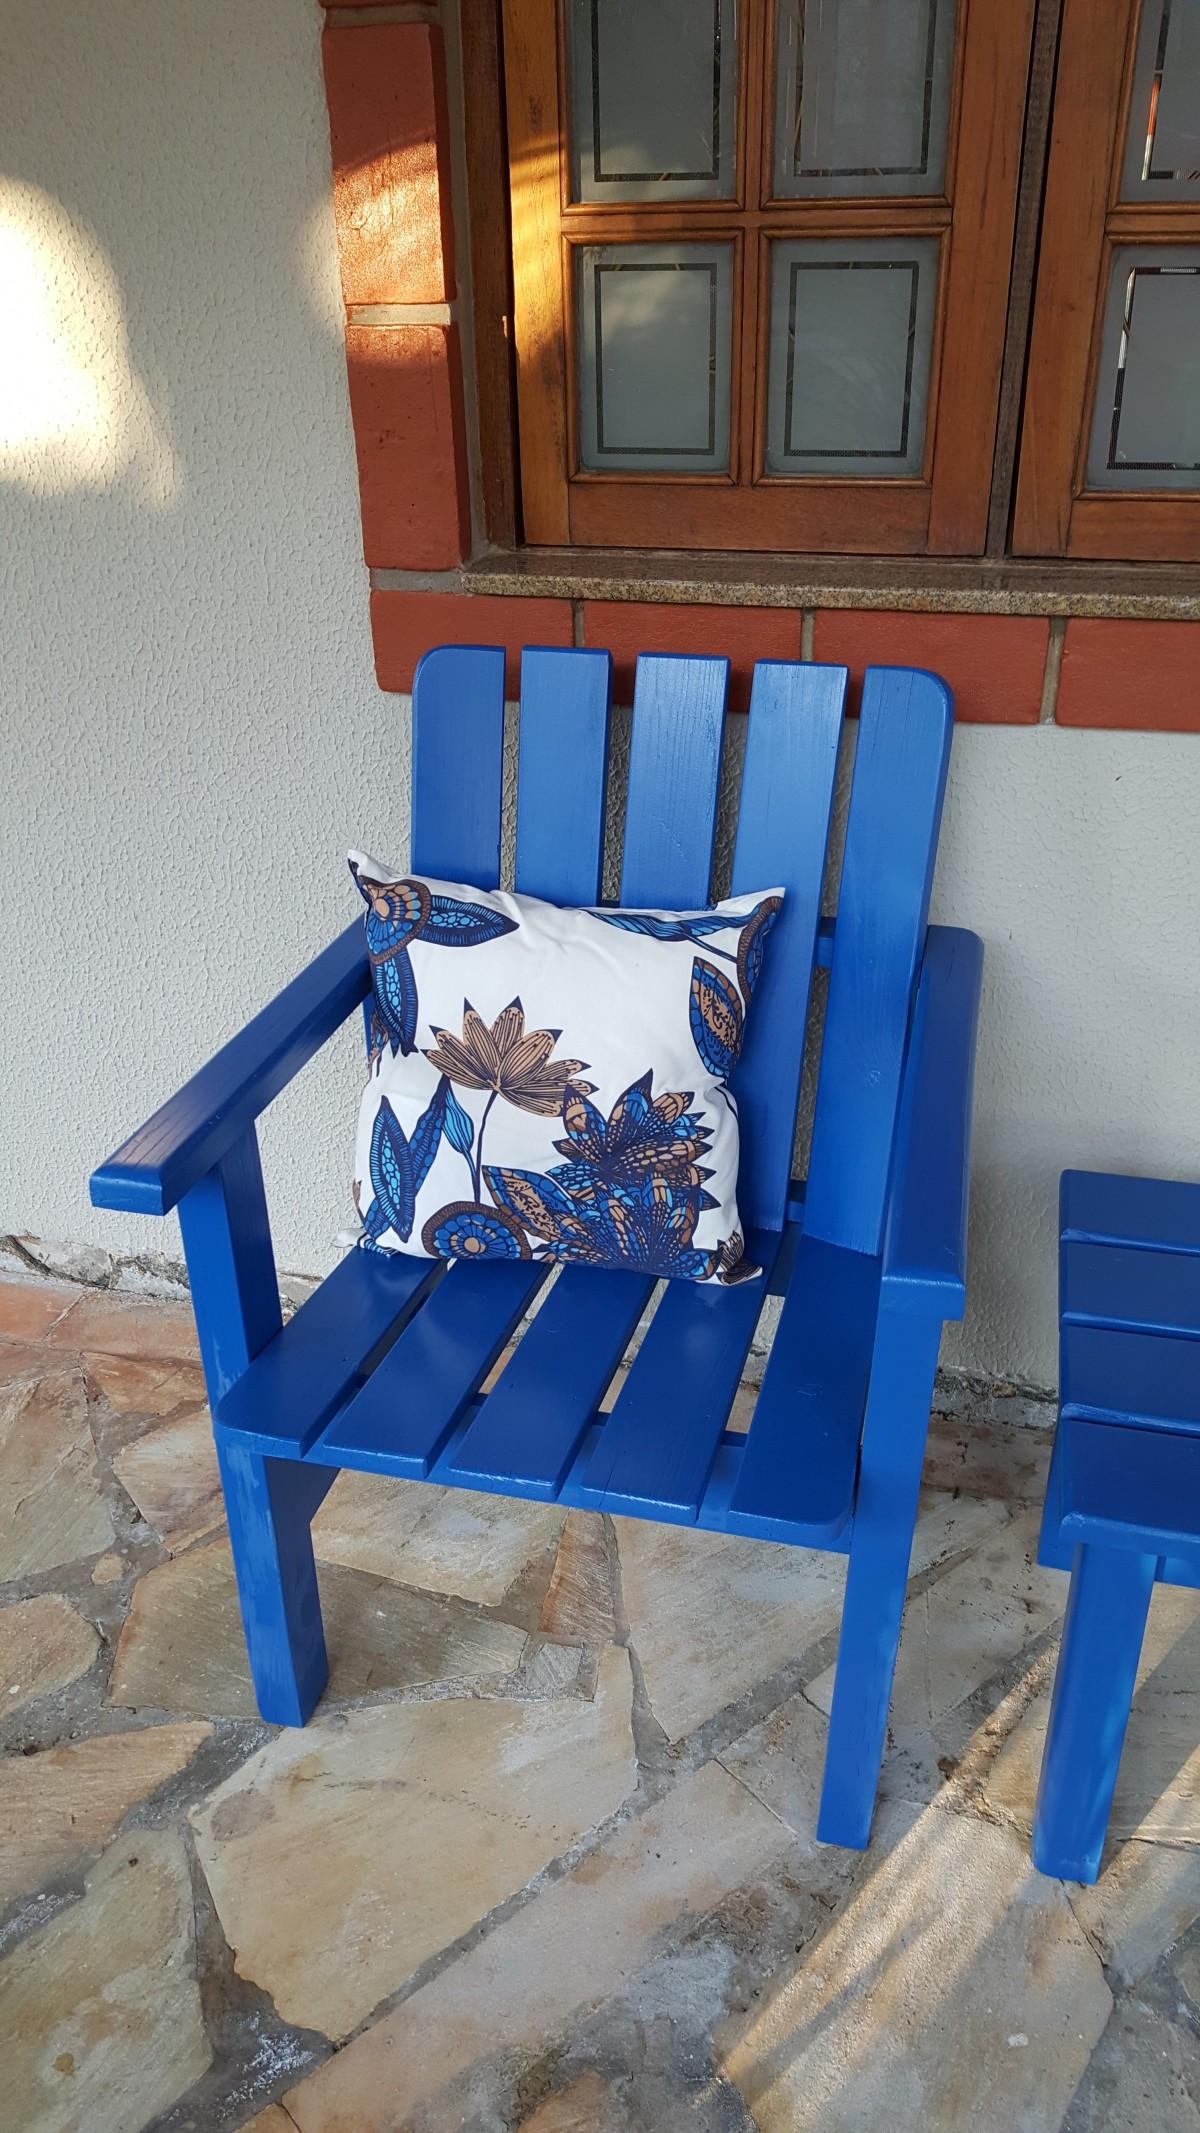 表 木 椅子 地板 山寨 蓝色 家具 房间 人为对象